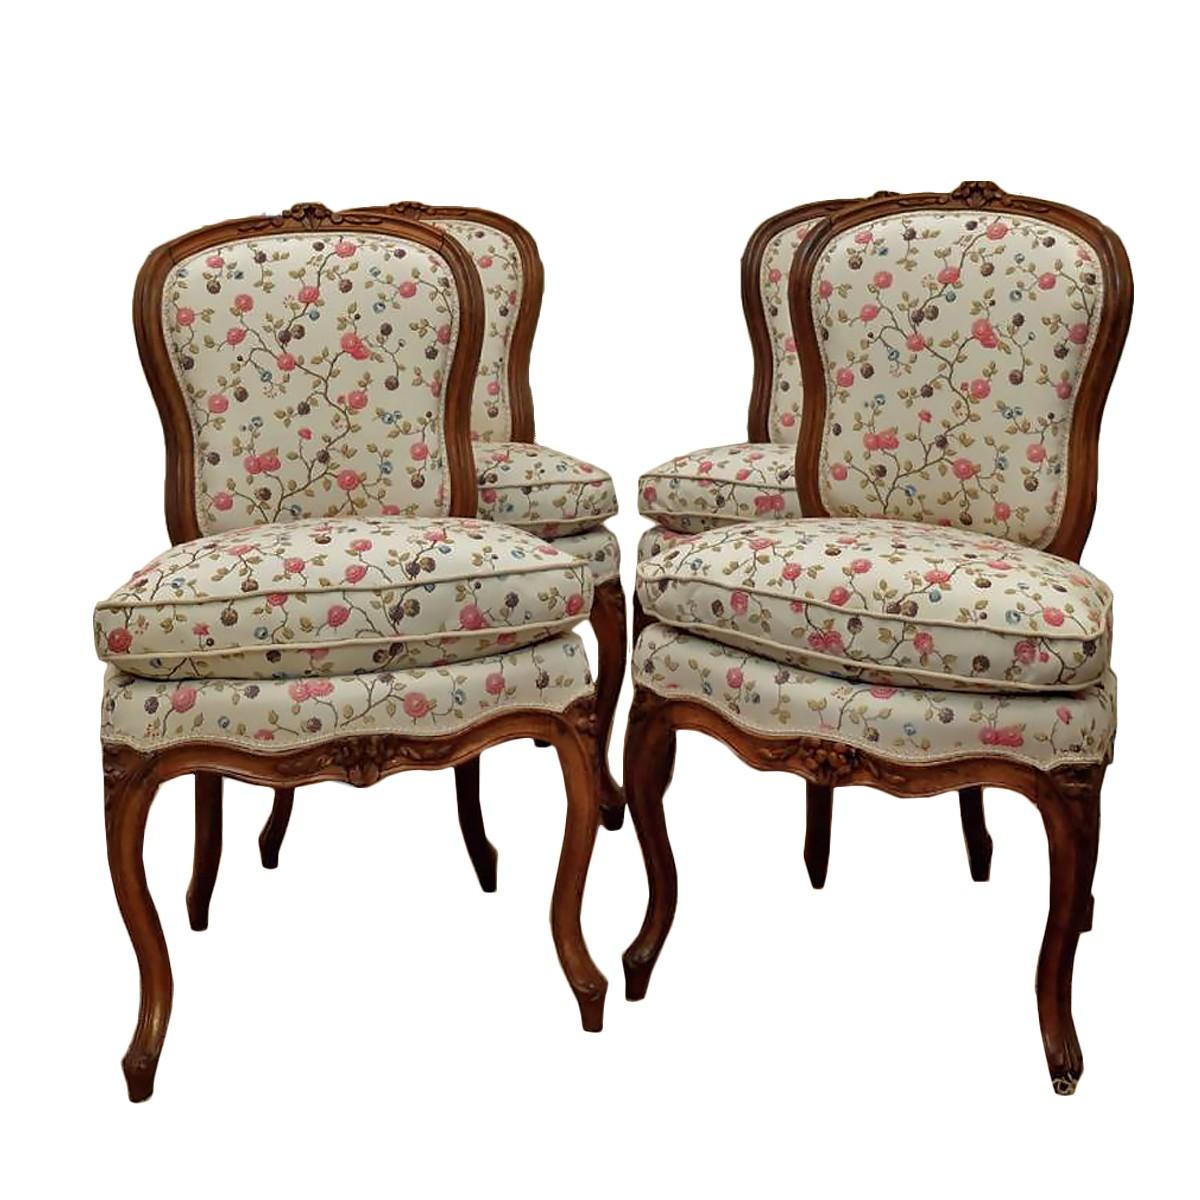 Style De Chaises Anciennes suite de quatre chaises d'époque louis xv